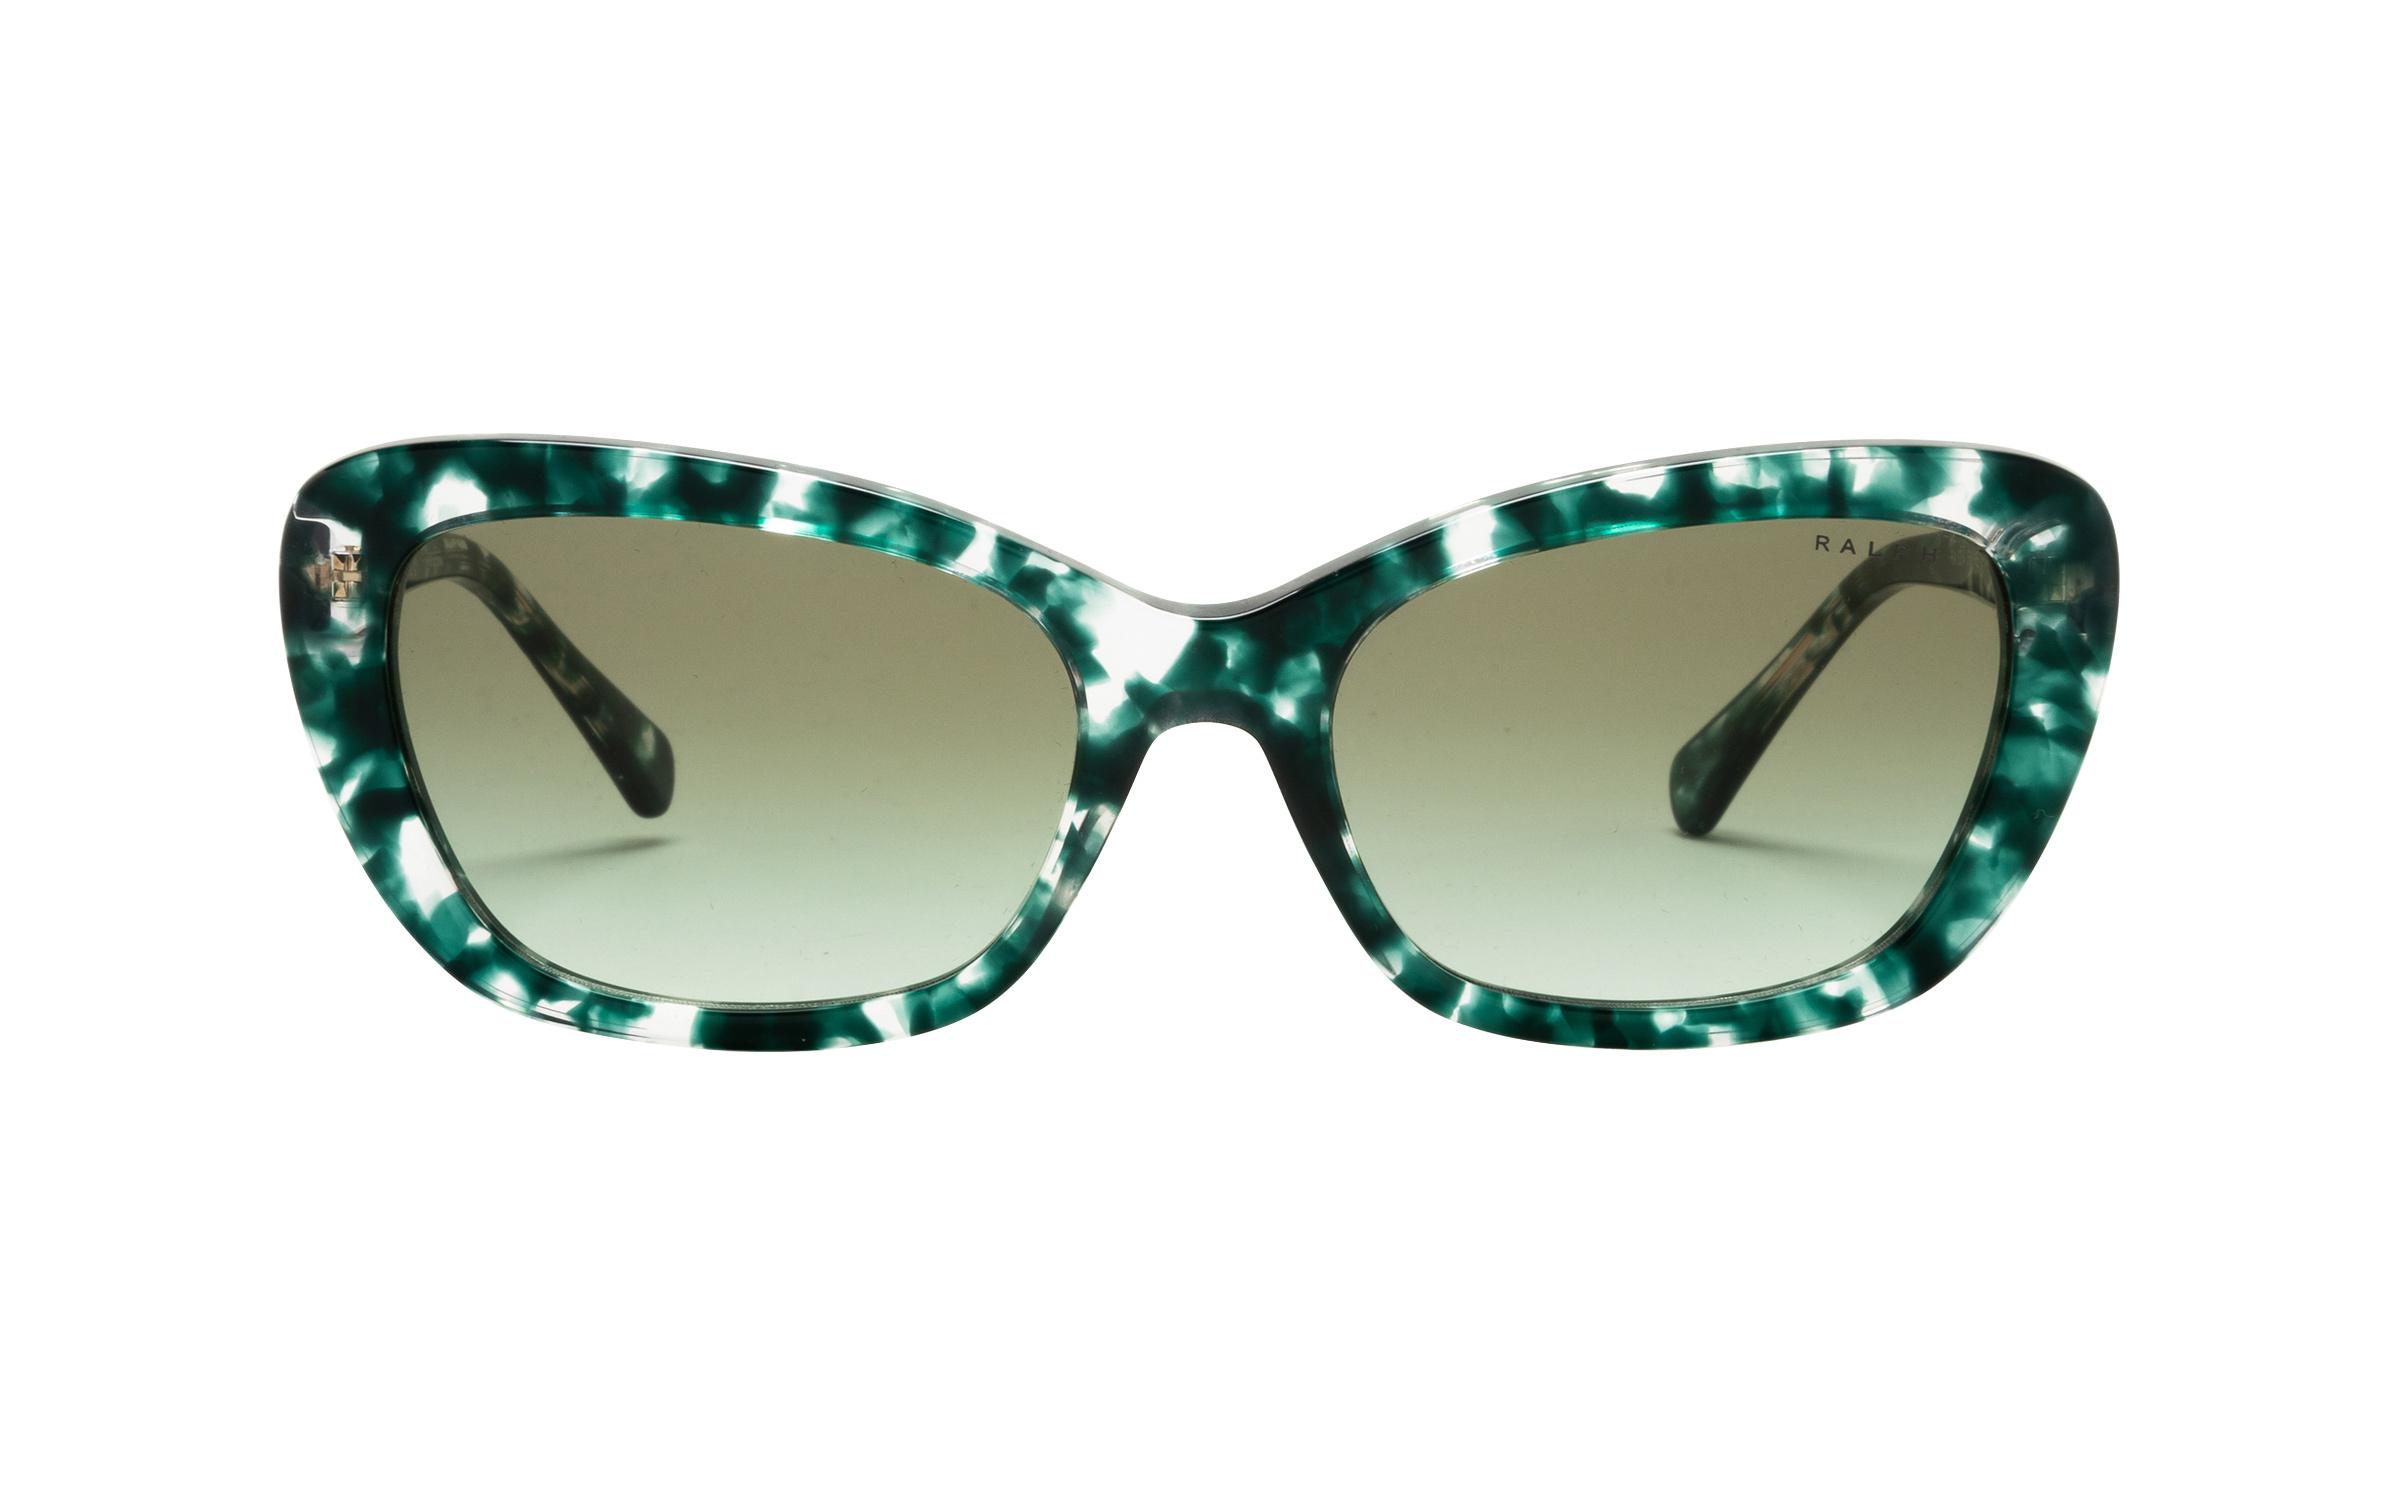 coastal.com - RalphbyRalphLauren Ralph by Ralph Lauren RA5264 58468E 55 Sunglasses in Green – Online Coastal 94.00 USD